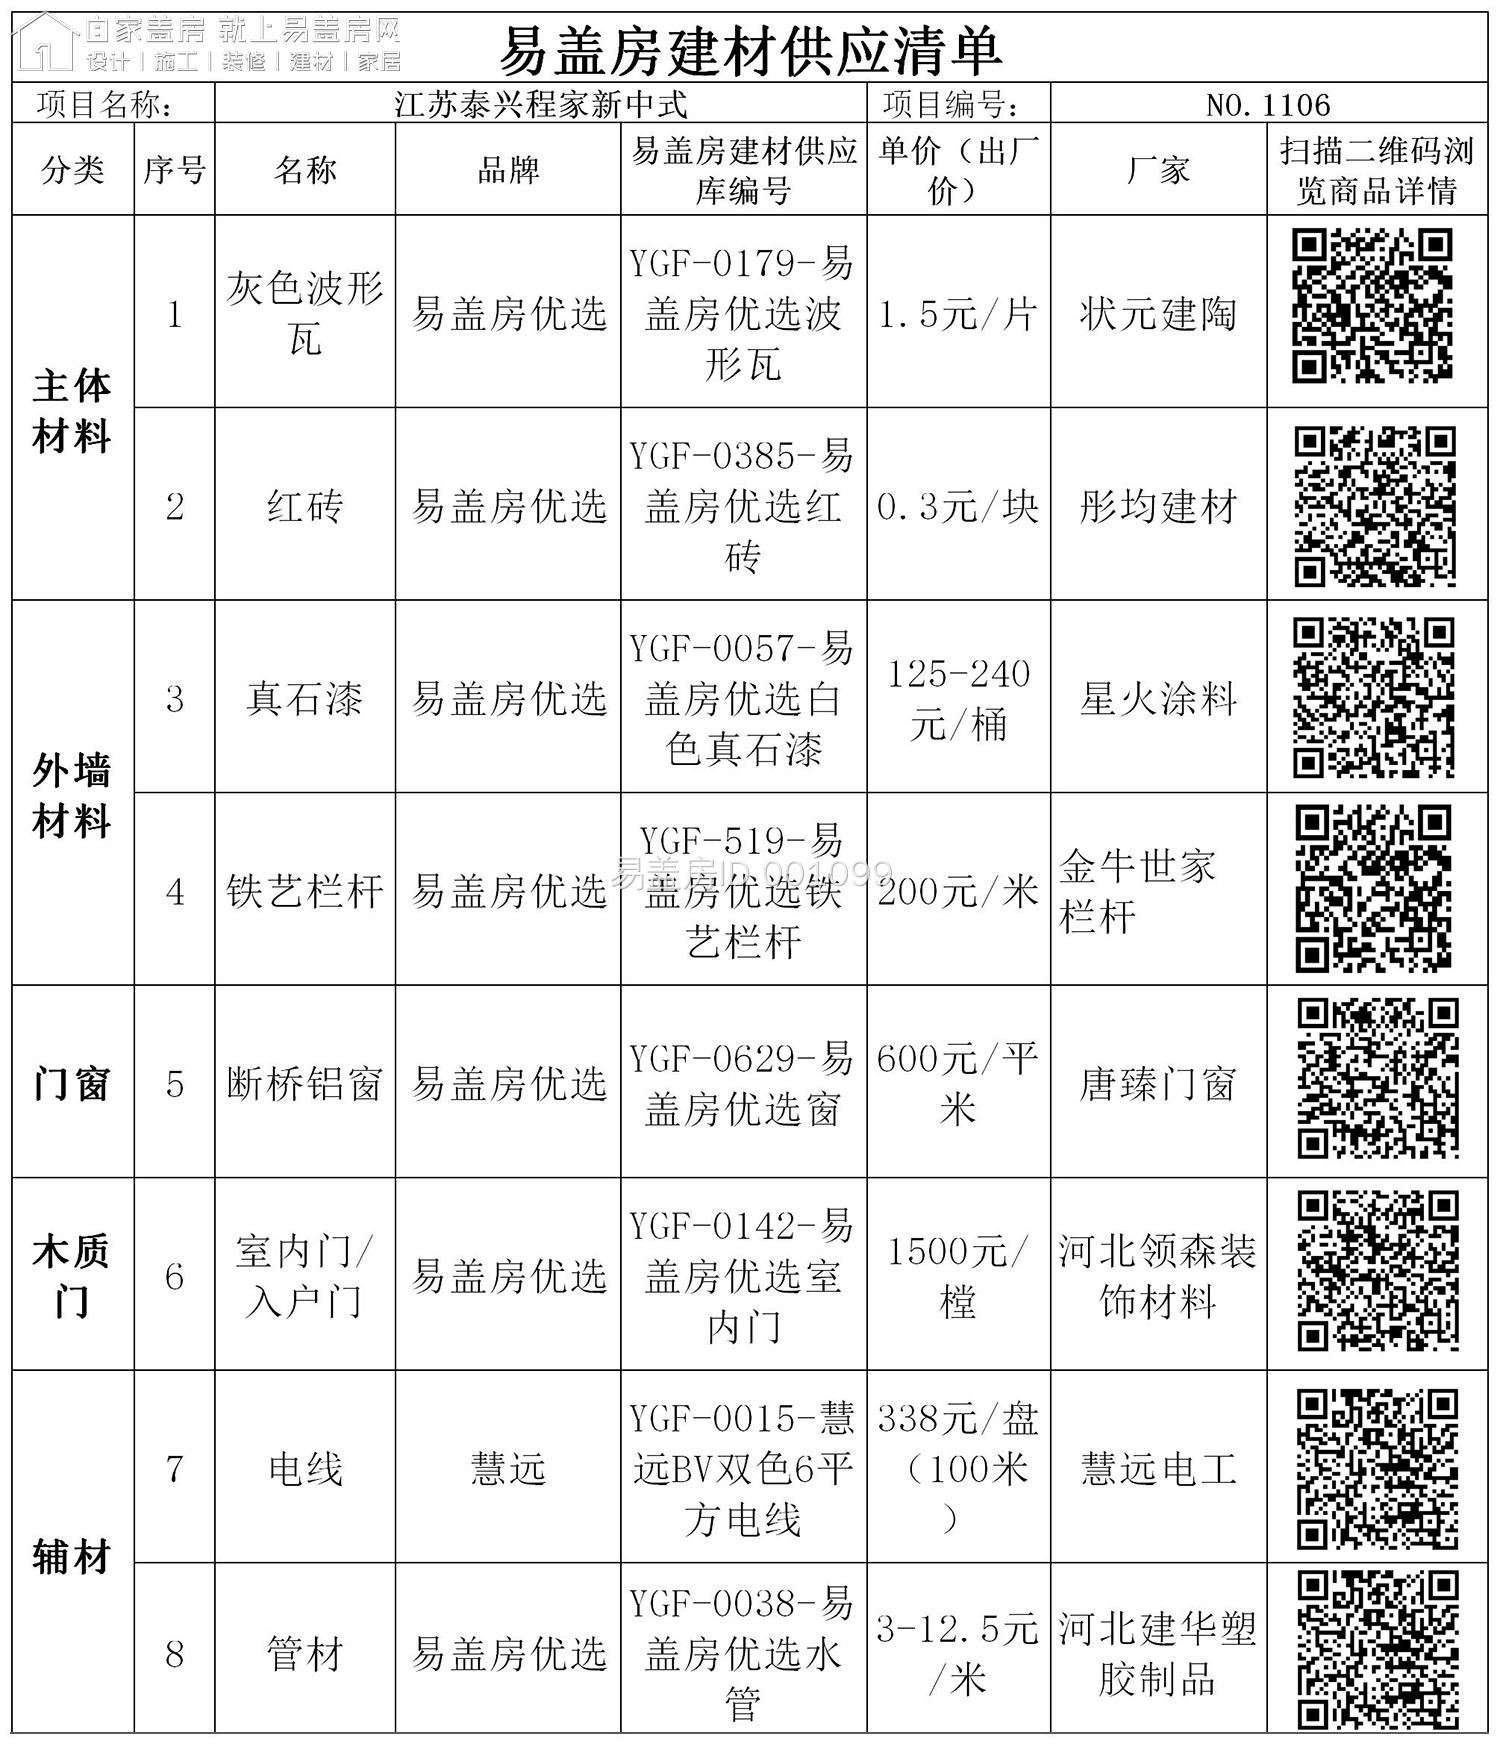 易盖房建材供应清单- 江苏泰兴程先生.jpg